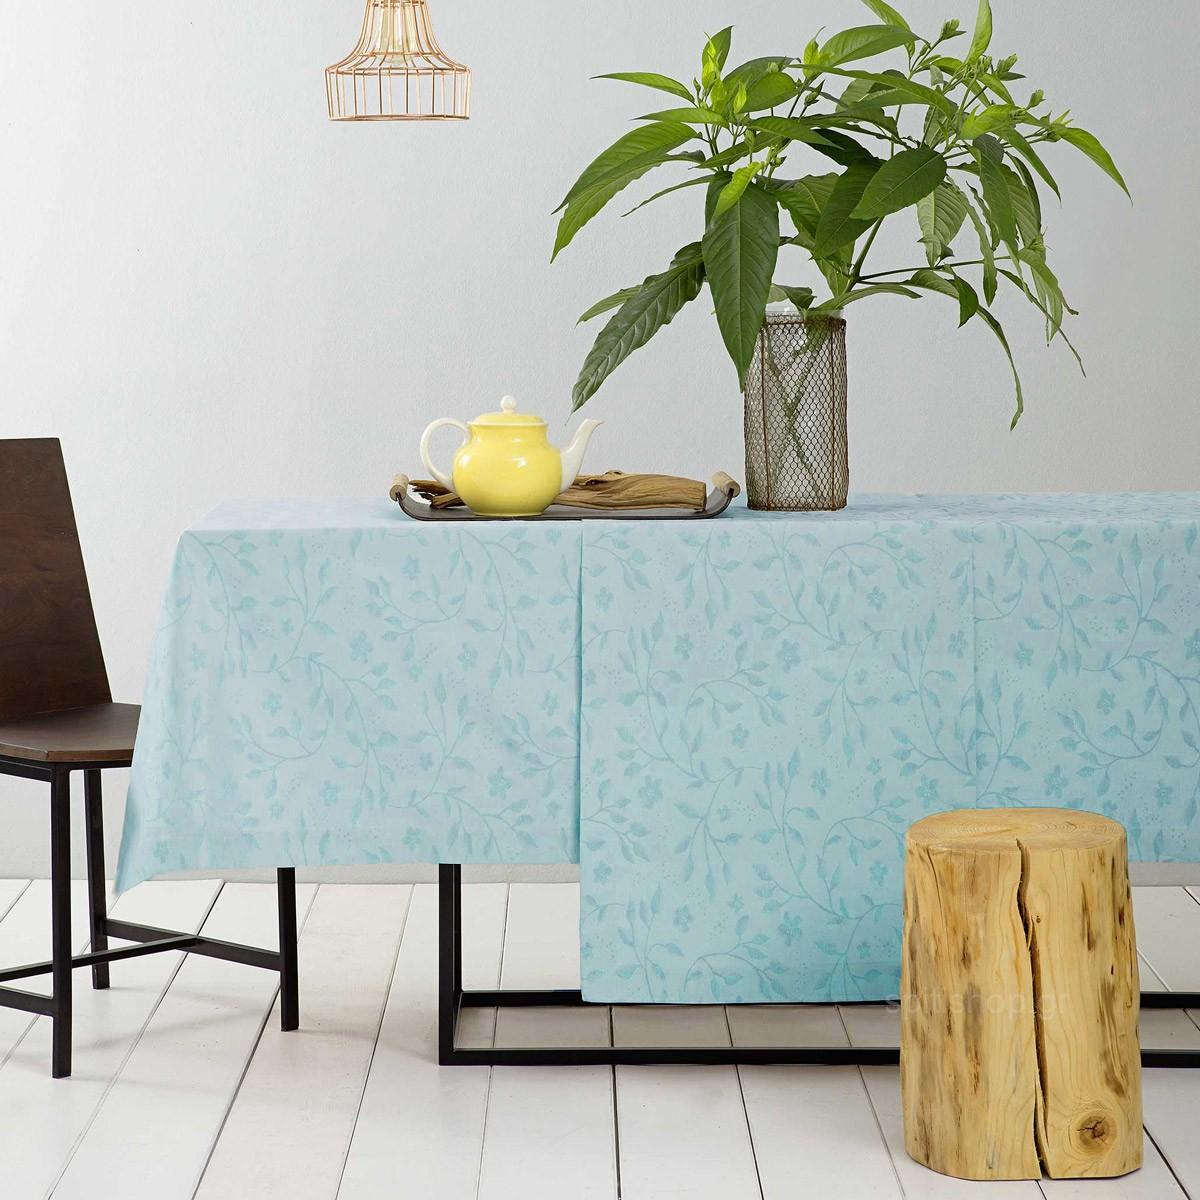 Τραπεζομάντηλο (150×220) Nima Table Linen Anthea Aqua